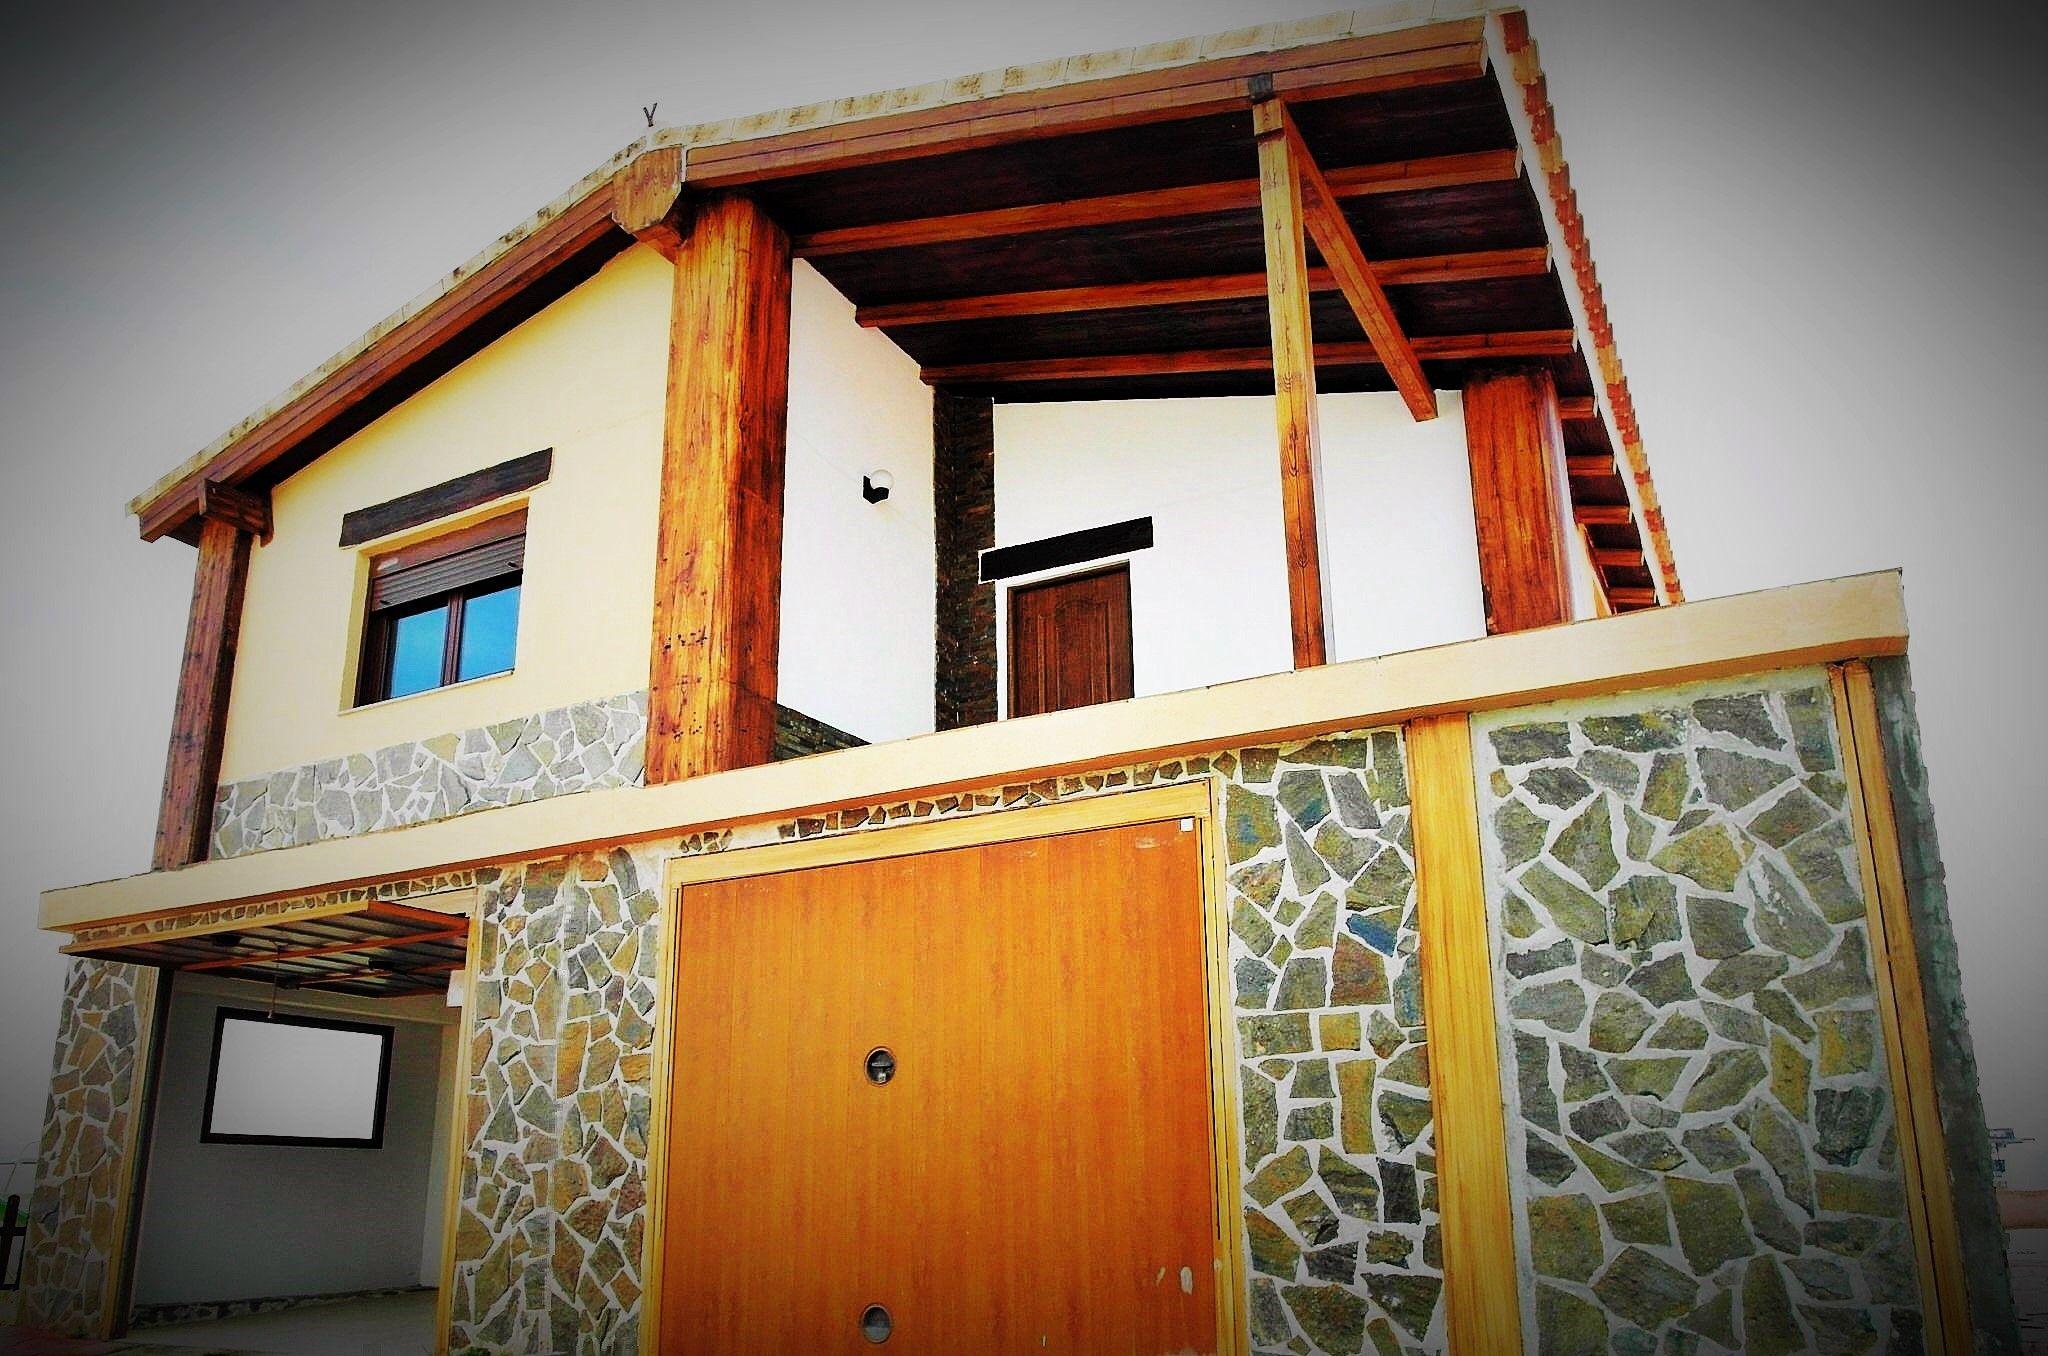 Vivienda prefabricada de campo con sotano www - Casas prefabricadas con ruedas ...